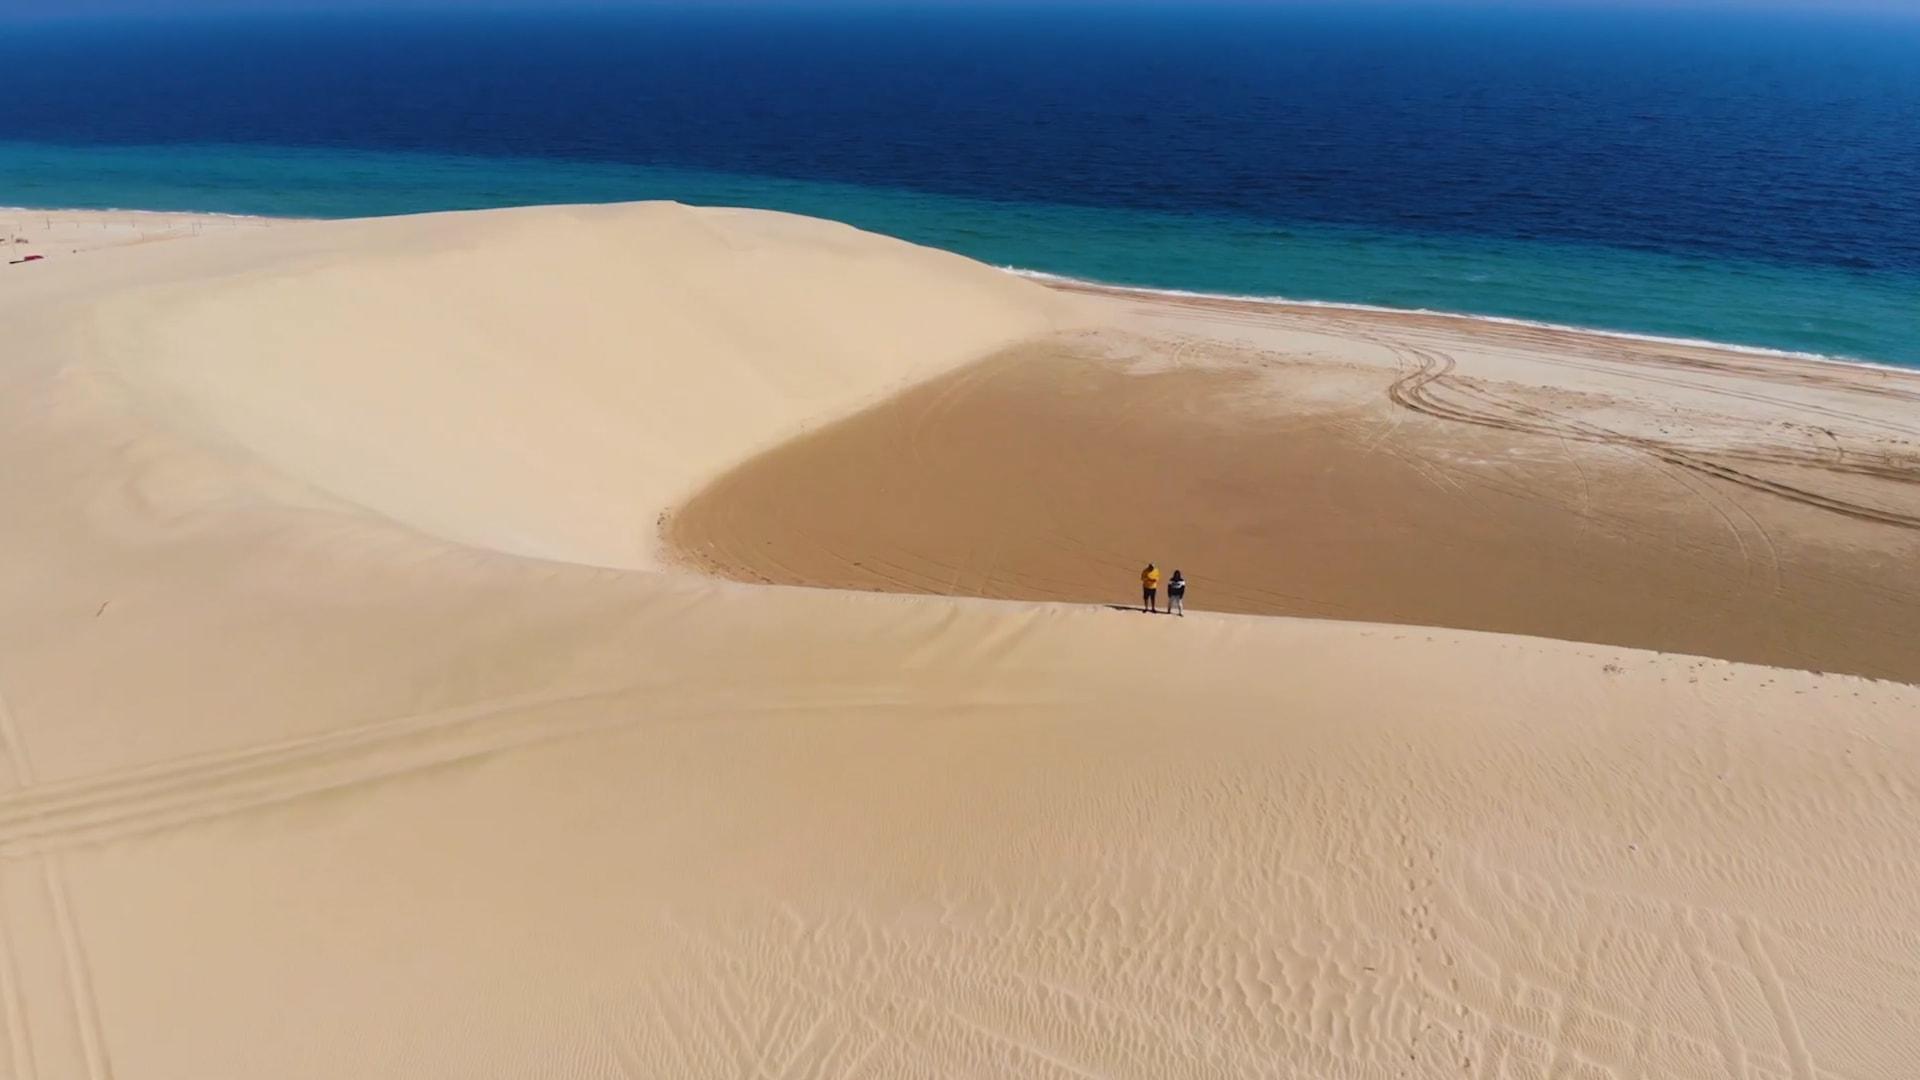 """لن تصل إليه مشيًا على الأقدام.. شاهد جمال """"البحر الداخلي"""" بقلب صحراء قطر"""